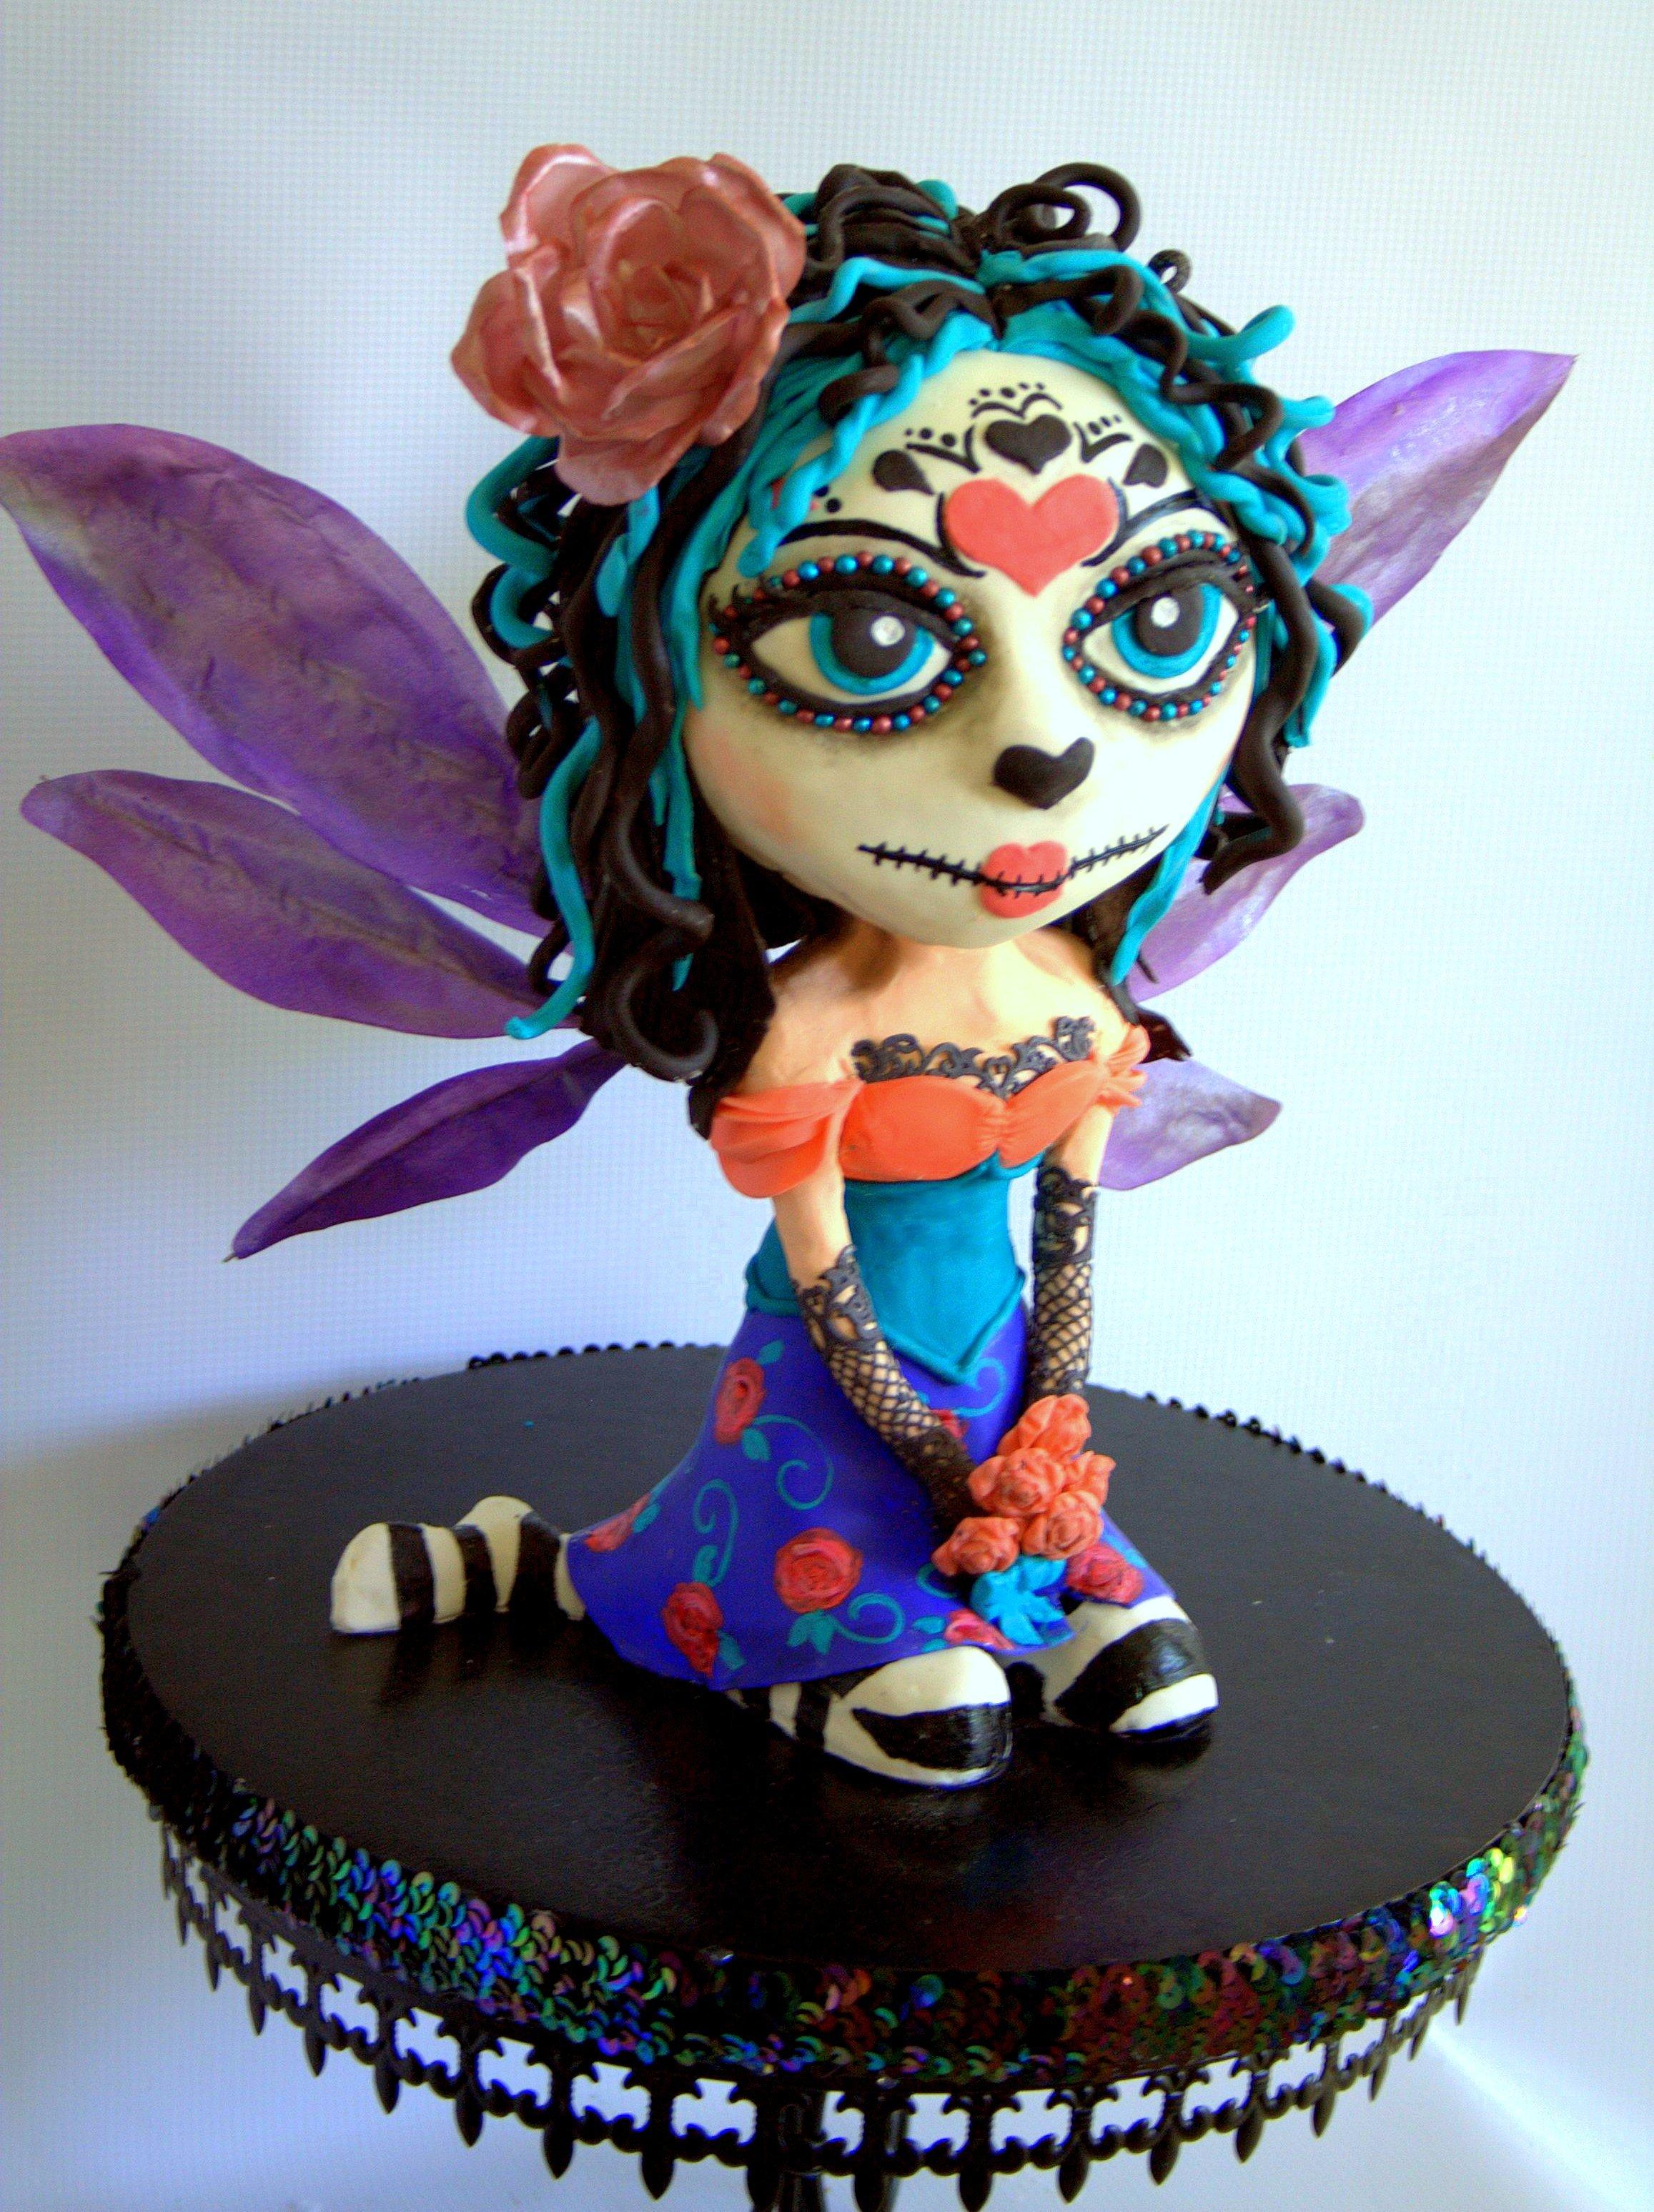 Fairy Sugar Skull Figurine